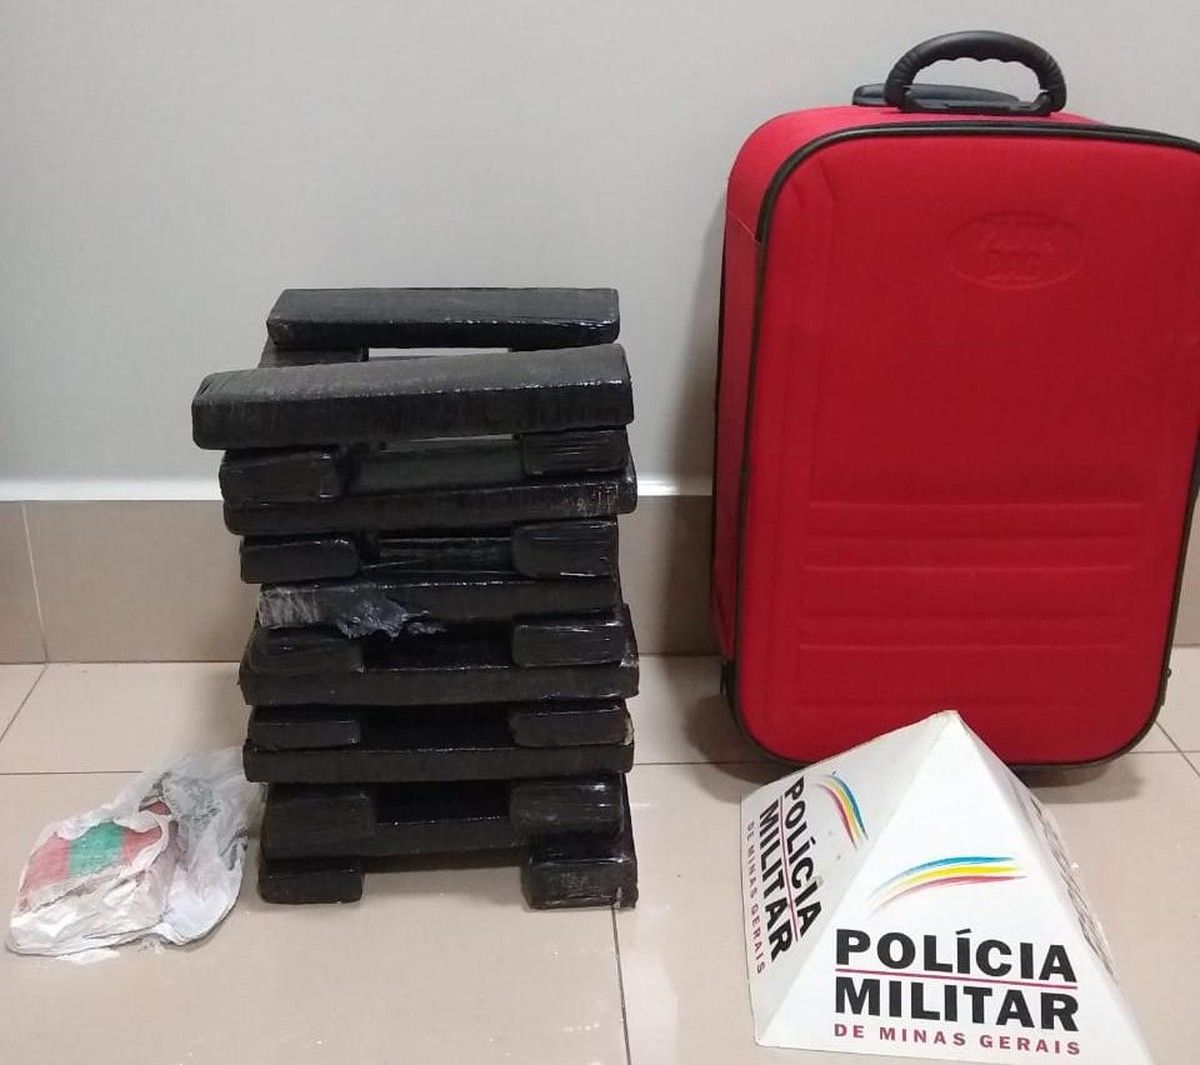 Mala de droga! Mulher pega táxi e PMs suspeitam. 30kg de drogas em Ipatinga / MG